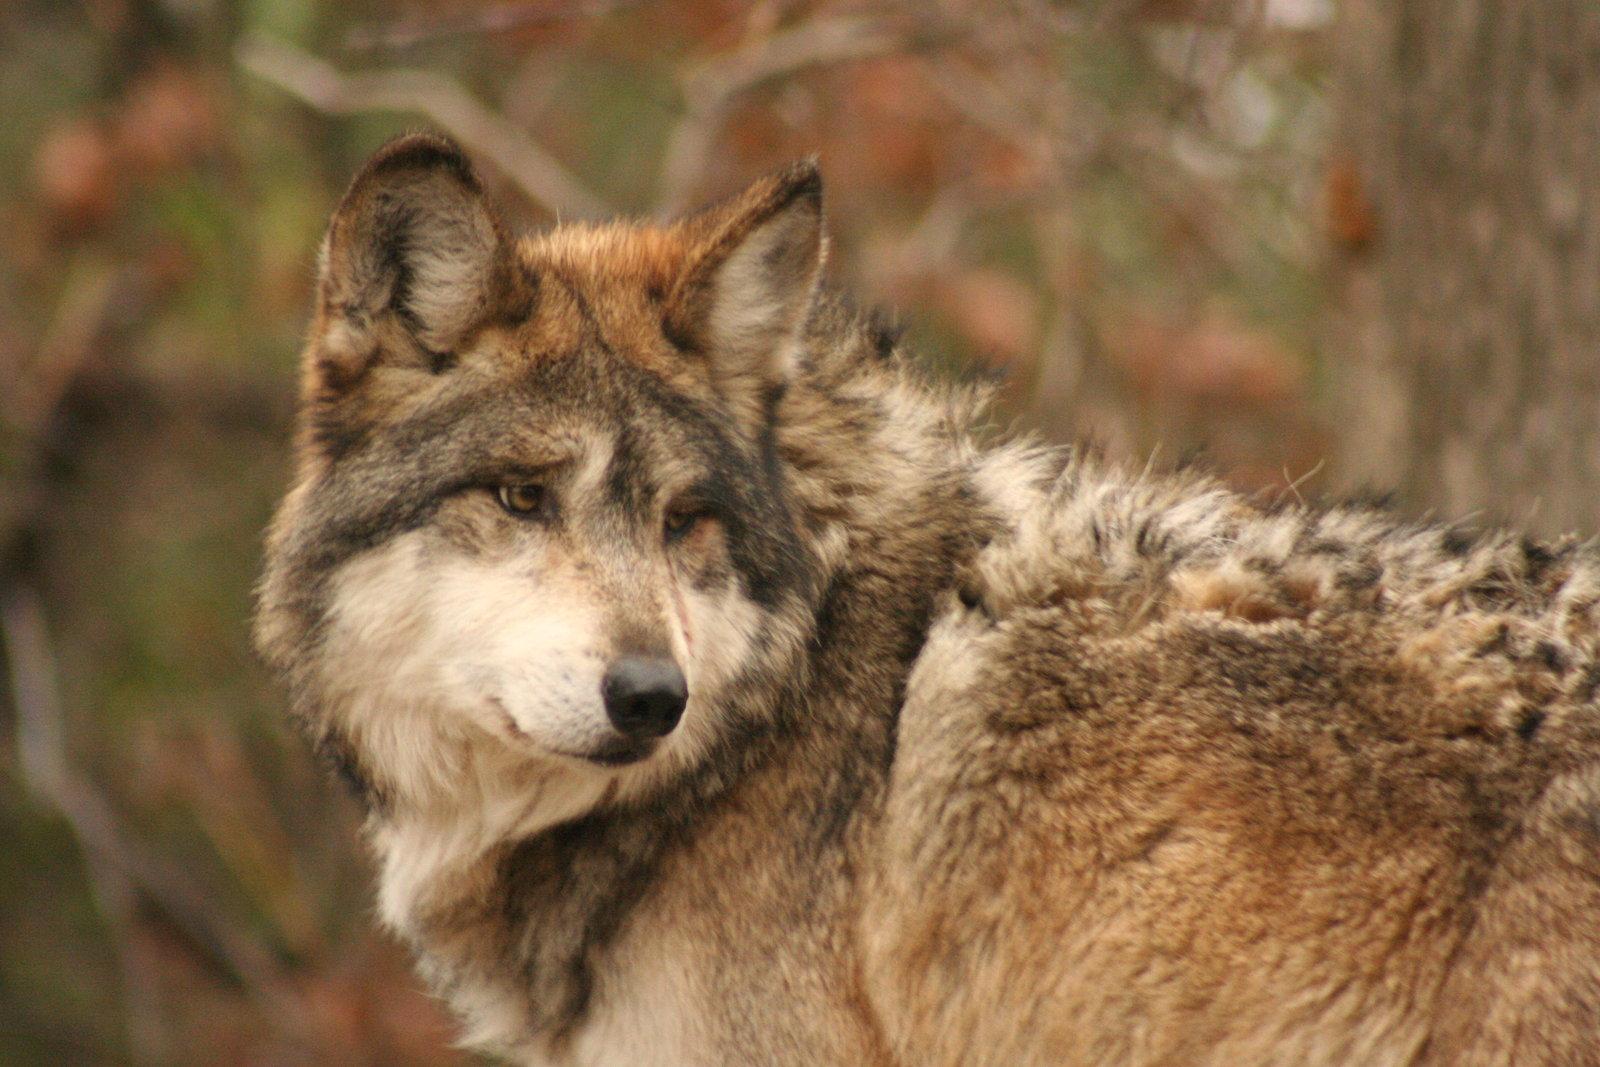 Lobos En Peligro De Extinción Medioambientum Crónicas De La Naturaleza